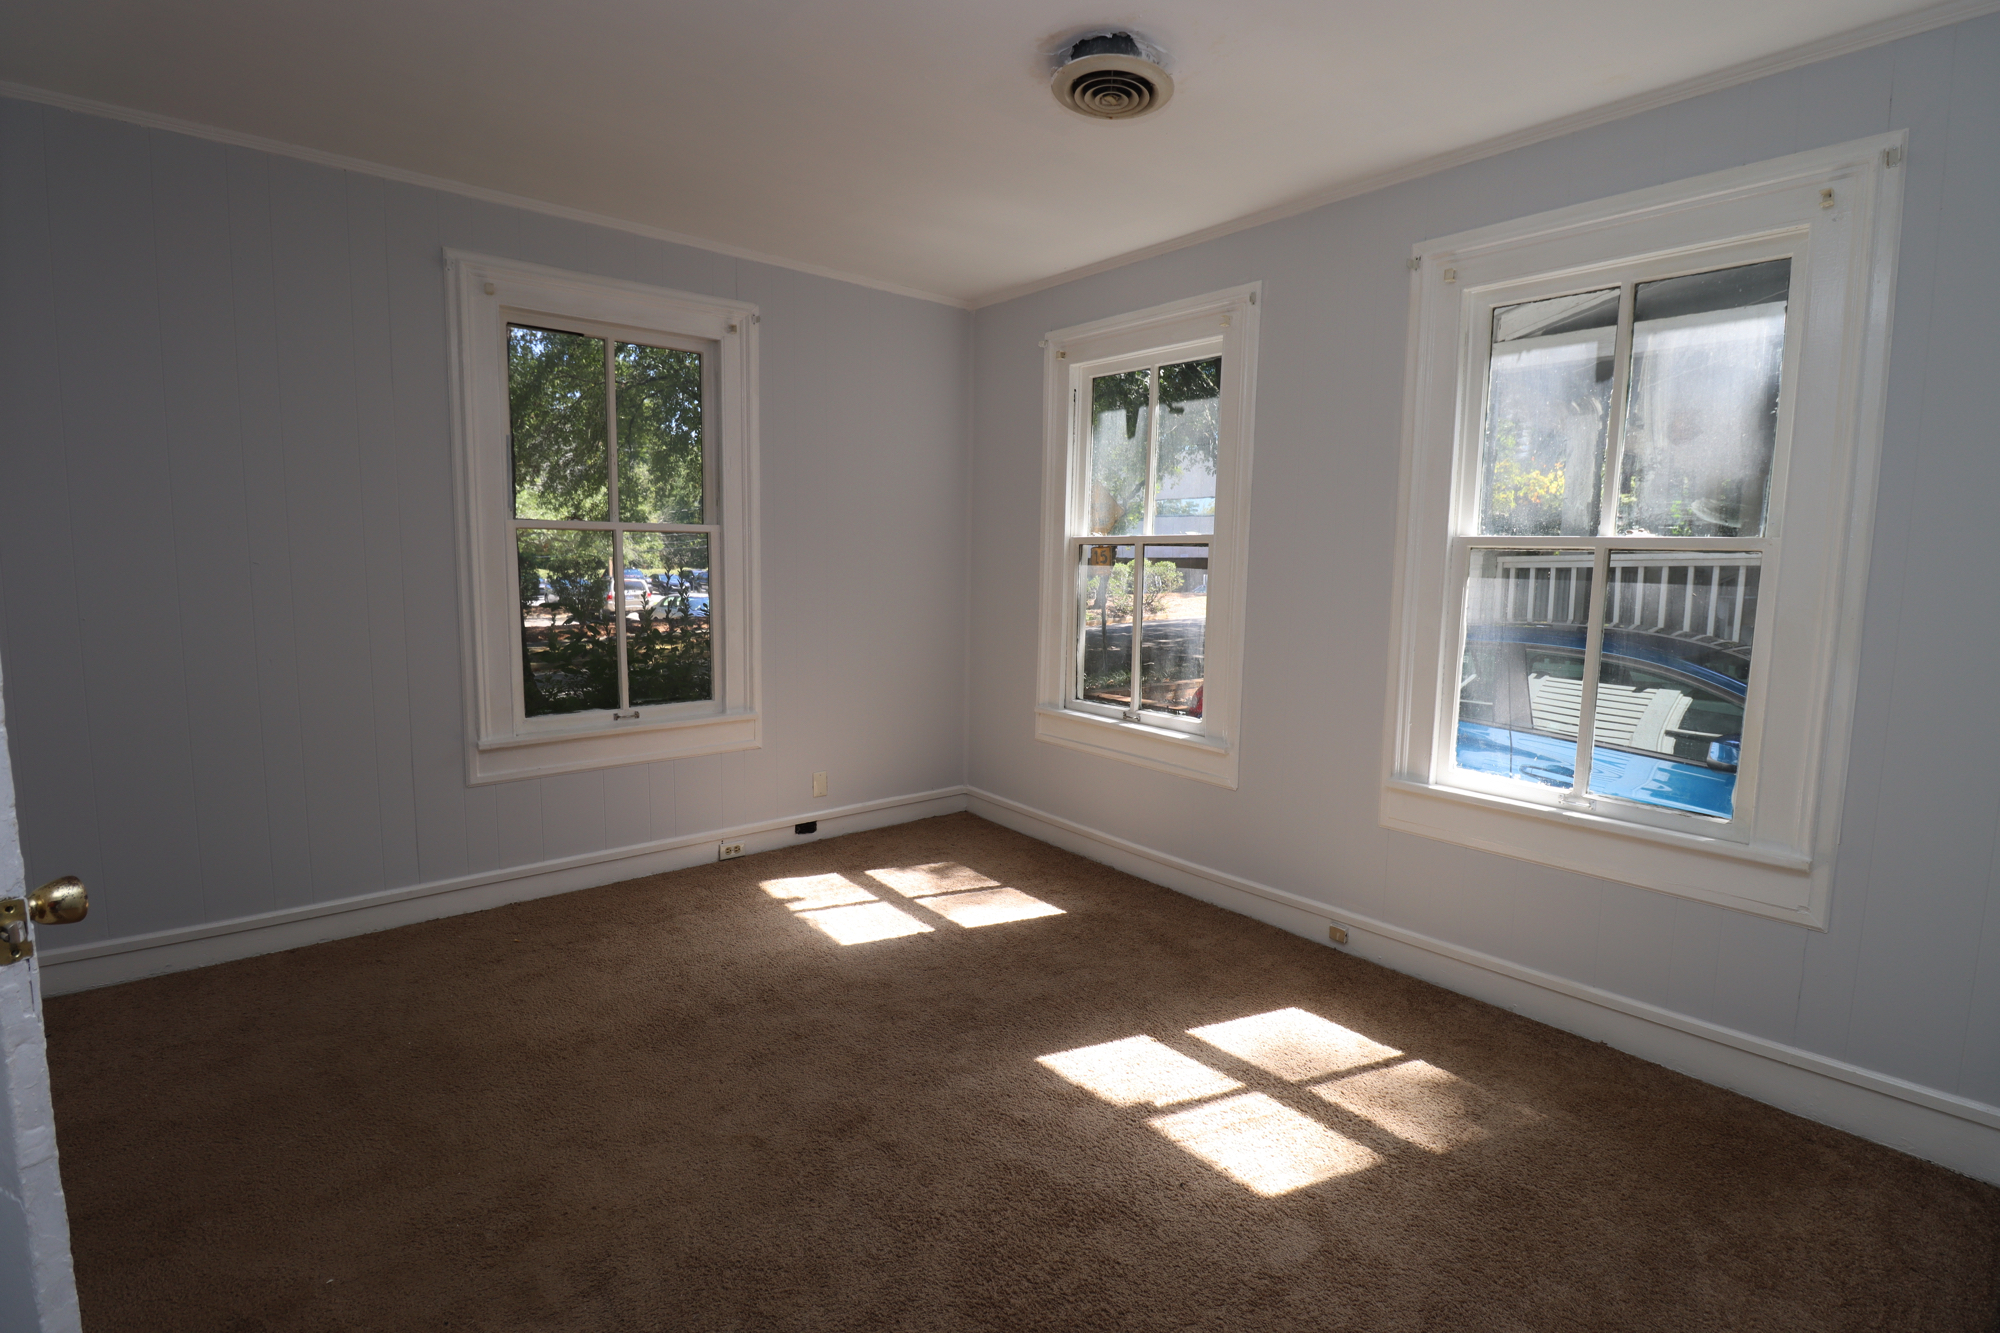 2115 Marion Street, 3 Bedrooms Bedrooms, ,1 BathroomBathrooms,Home,For Rent,Marion Street,1563